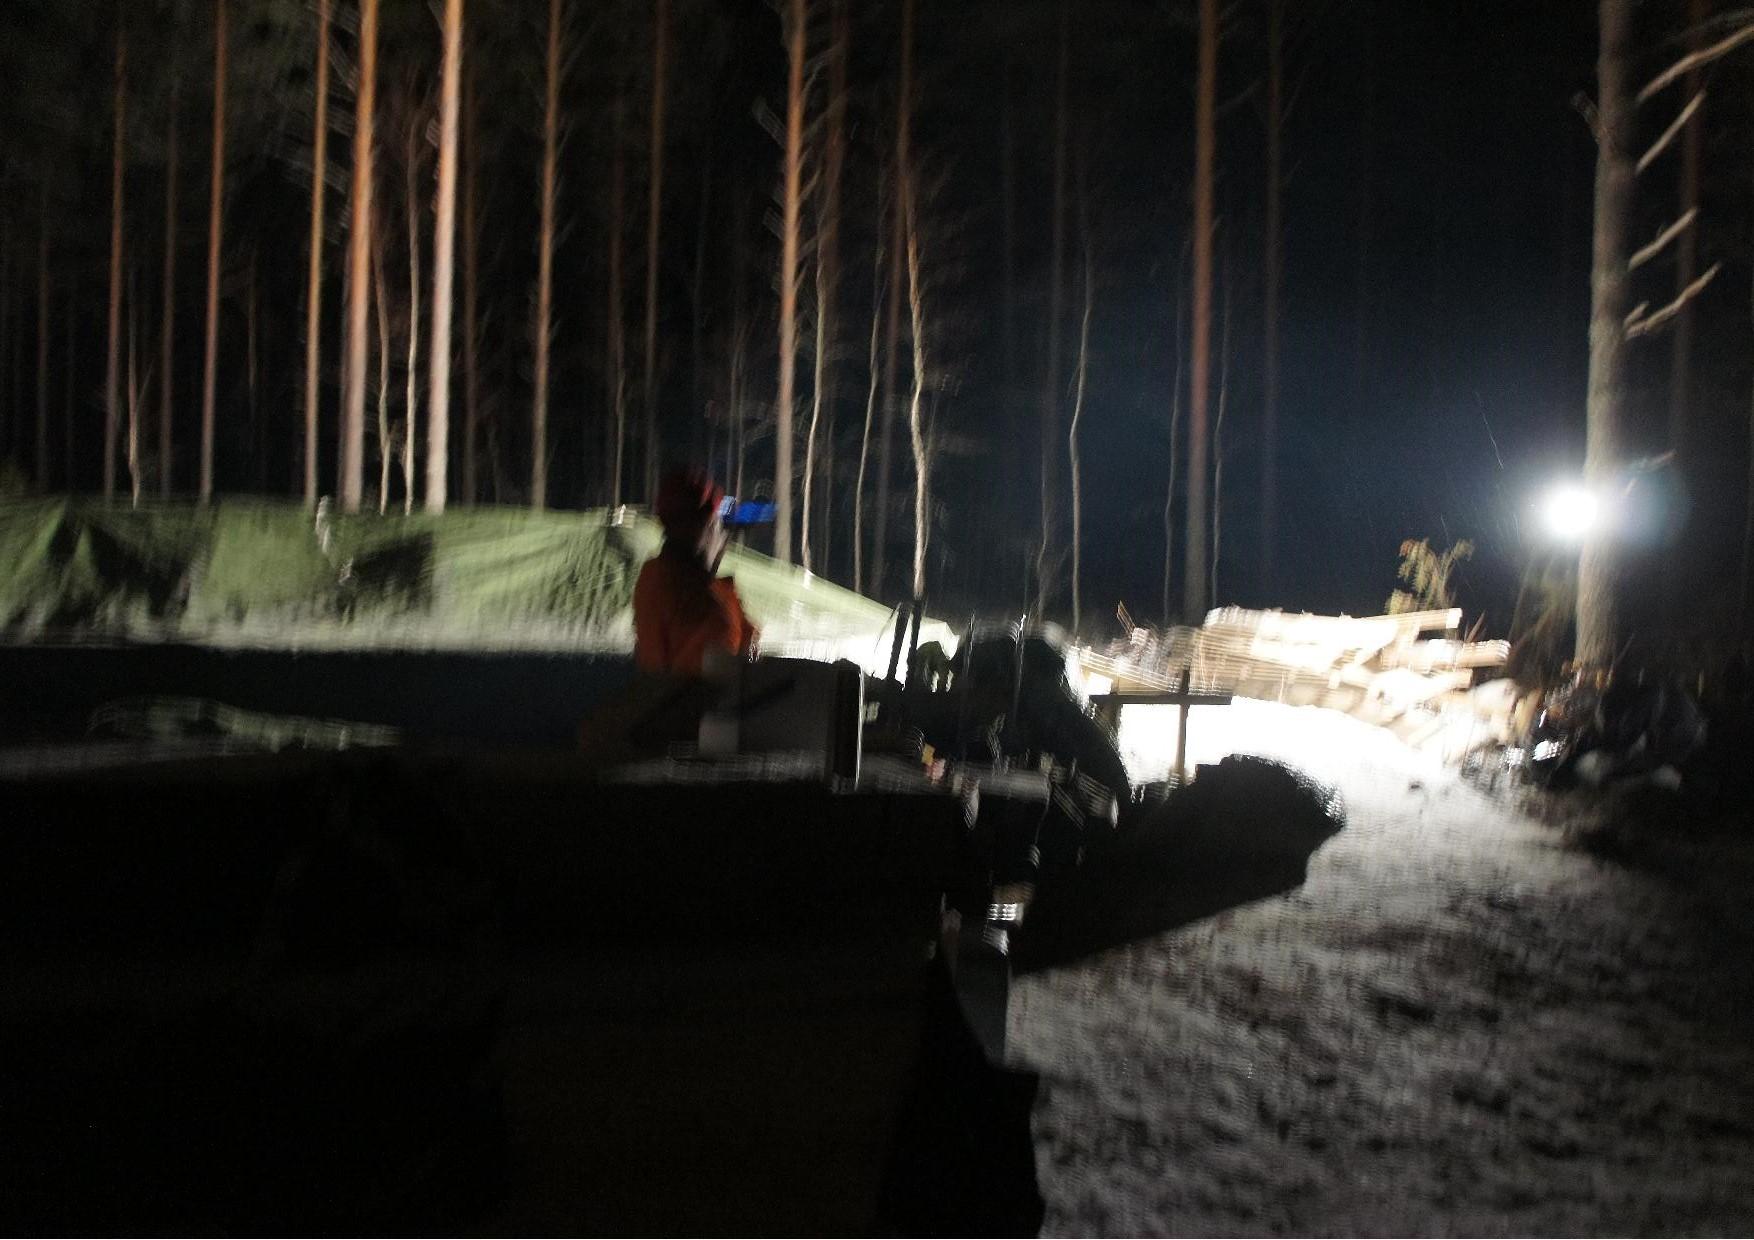 Harkkovalu valmistui klo 20.00. Matti Kilpeläinen tarkastelee valun päälle rakentamaansa telttaa, jonka suojissa kaasulämmitin pitää valun sulana ja huomenna voidaan aloittaa hirsiseinien pytyttäminen.